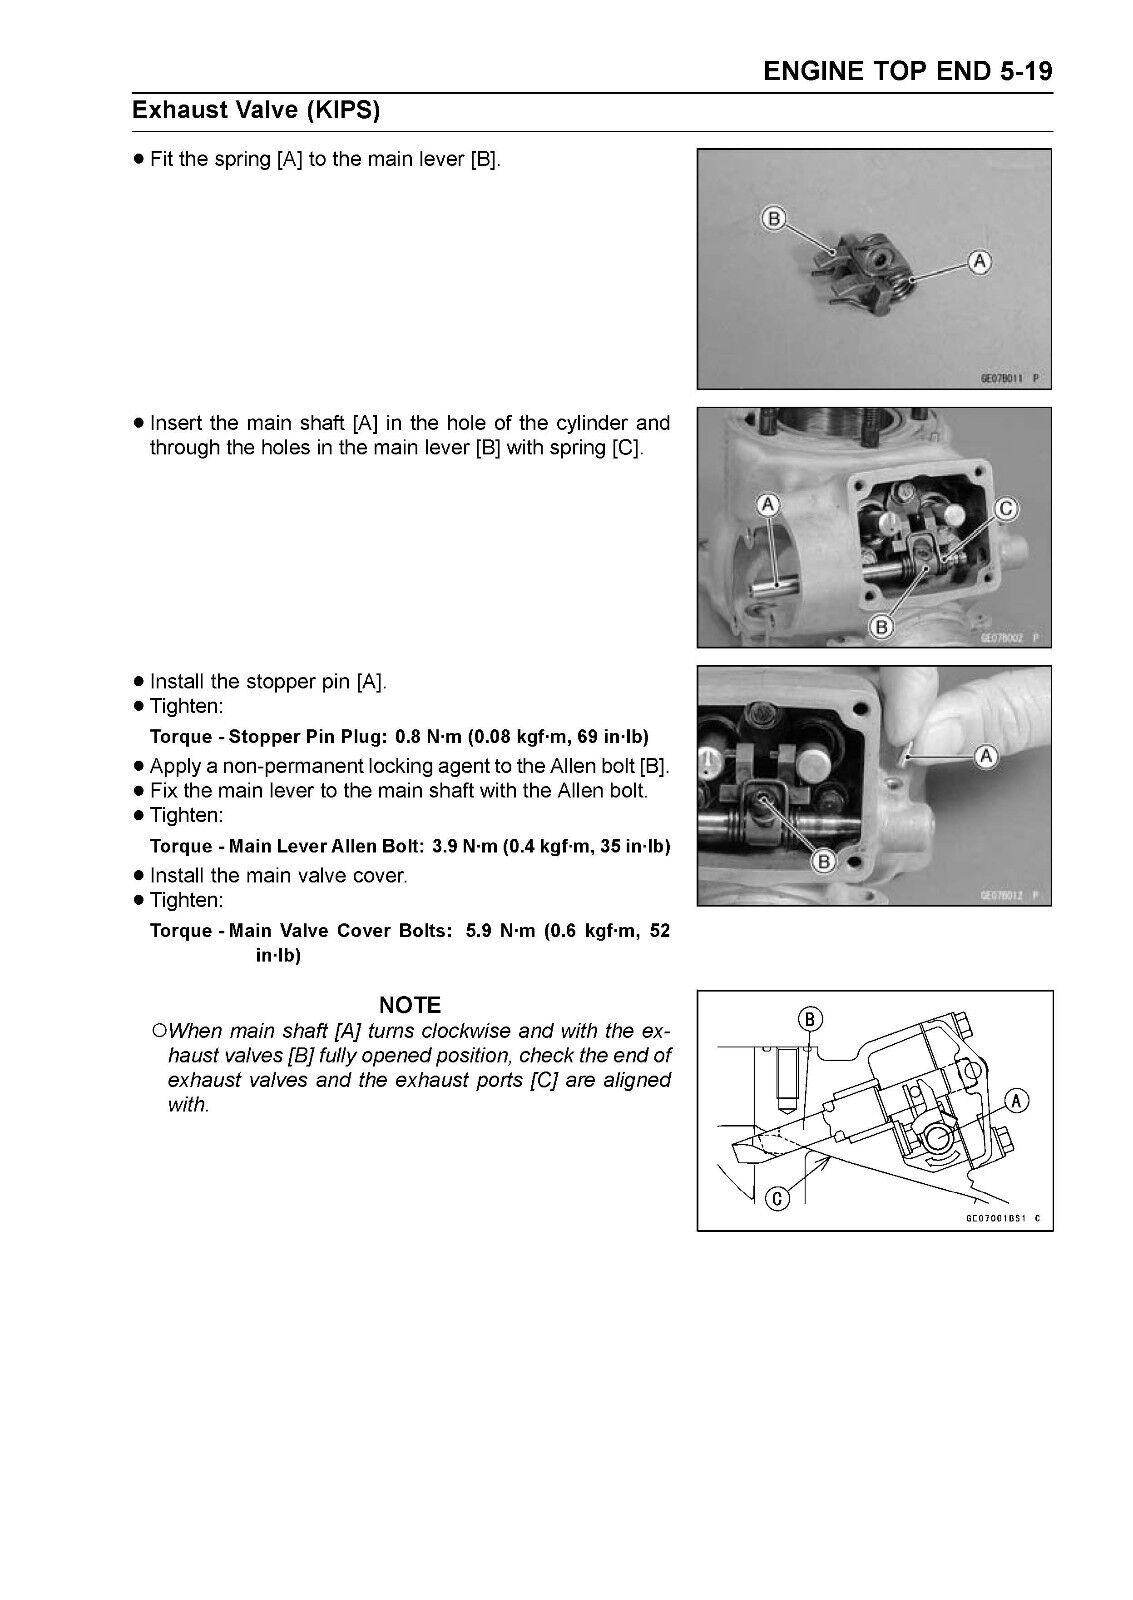 10 of 12 Kawasaki service manual 2003 KX125 & KX250, 2004 KX125 & KX250 &  2005 KX125